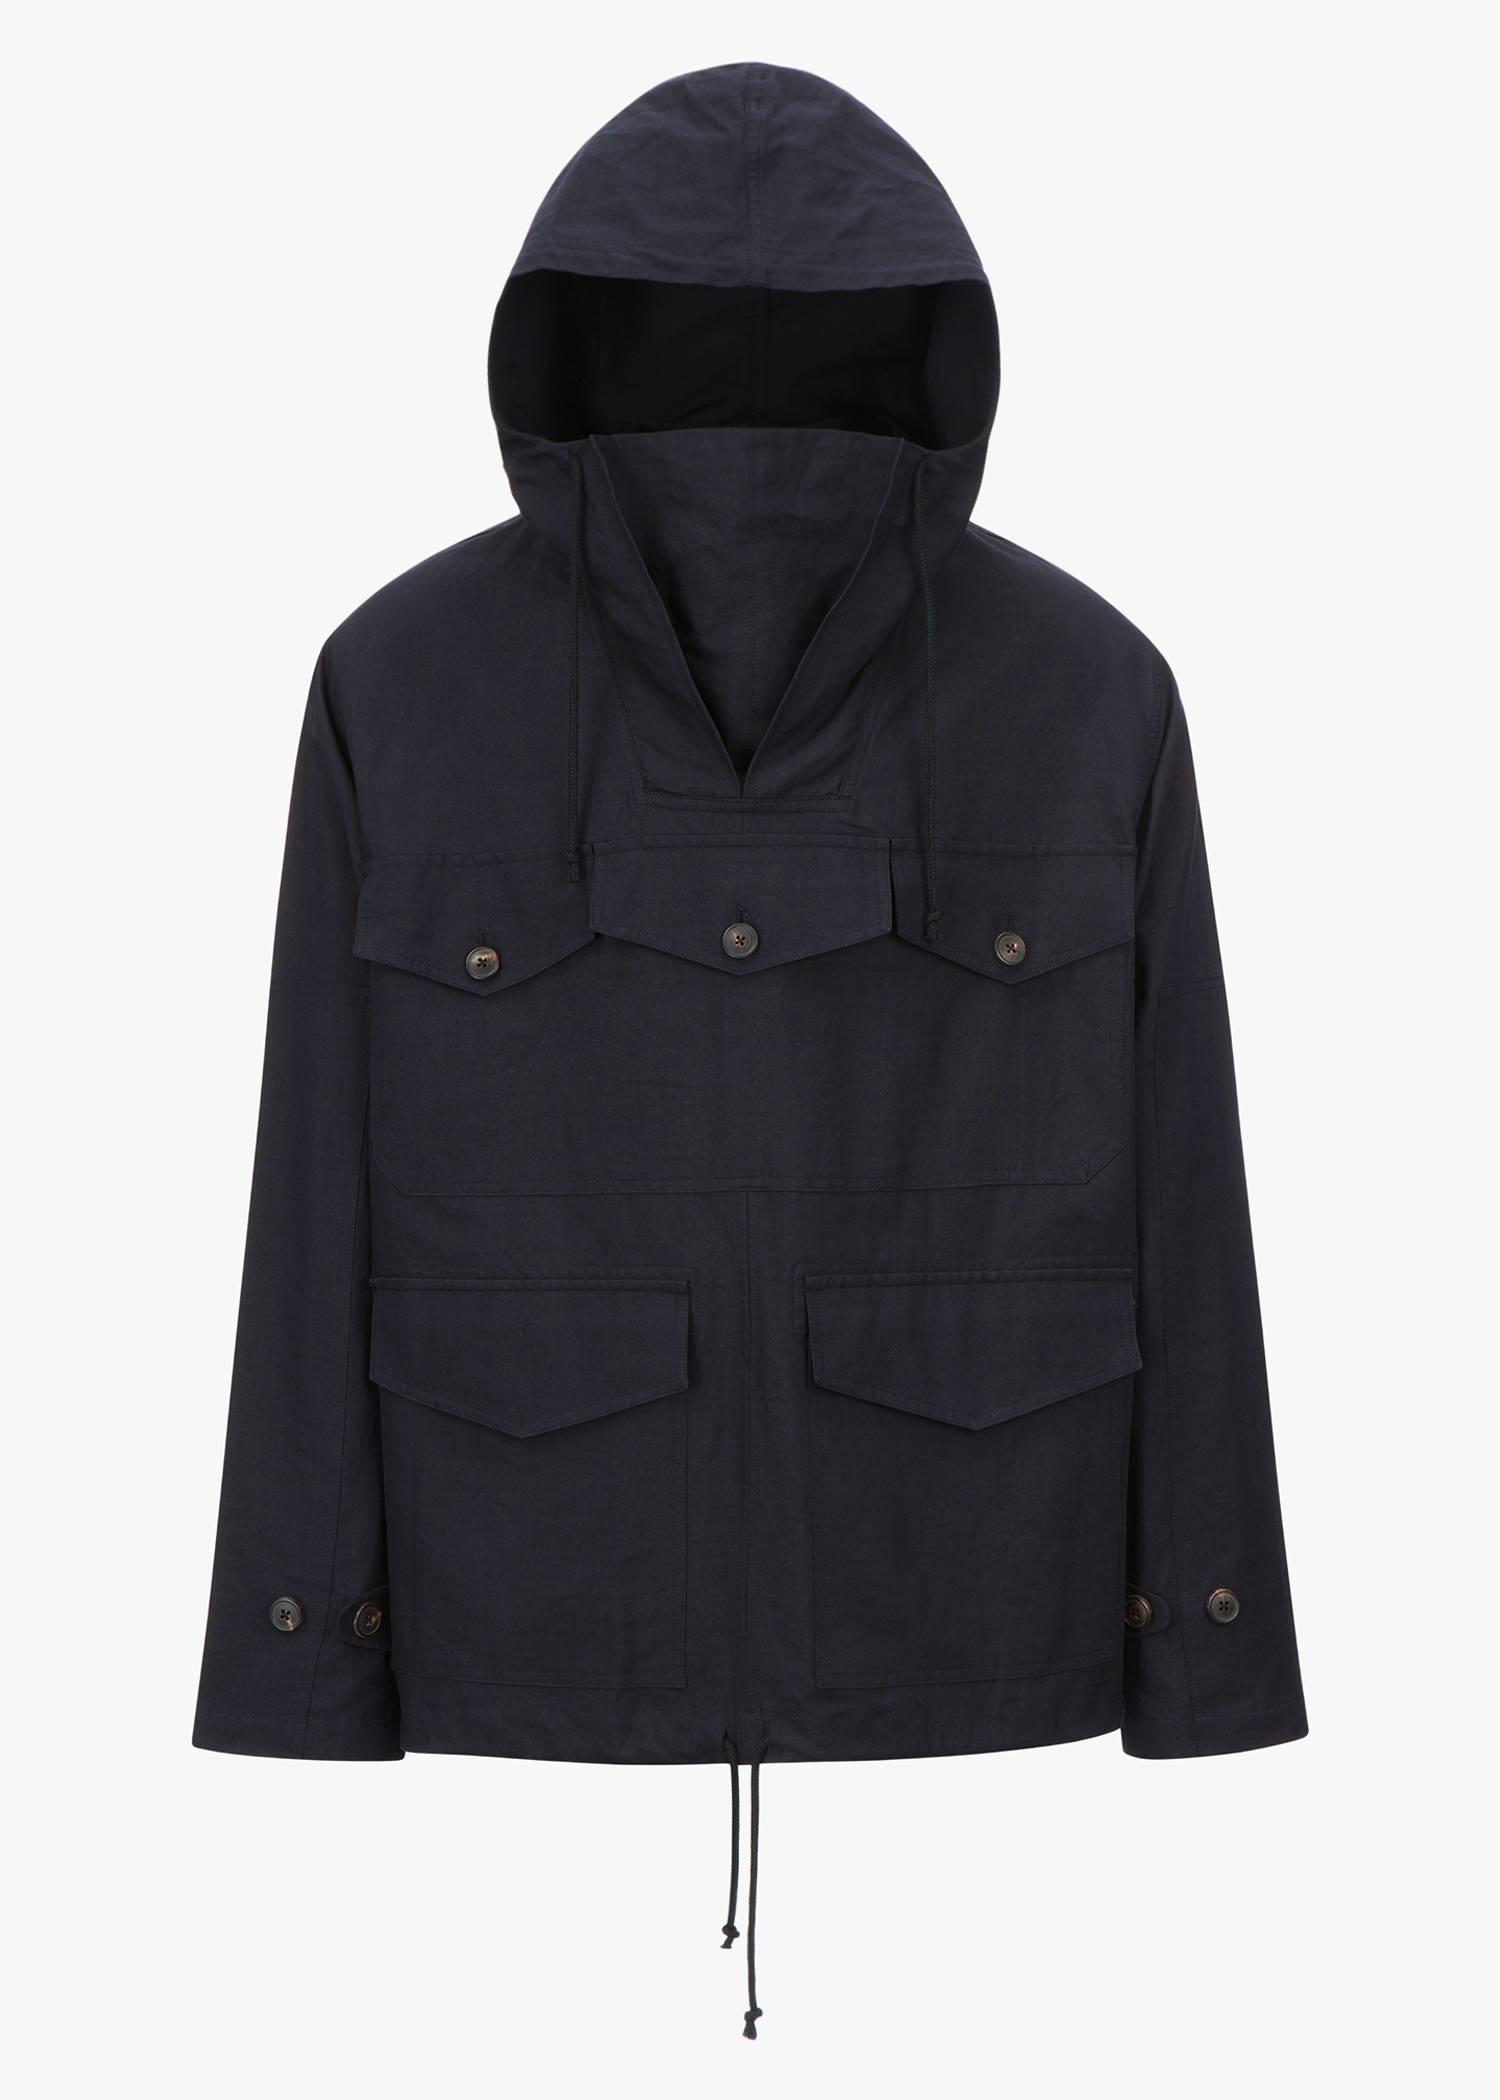 Dries Van Noten Viper Pullover Jacket In Navy